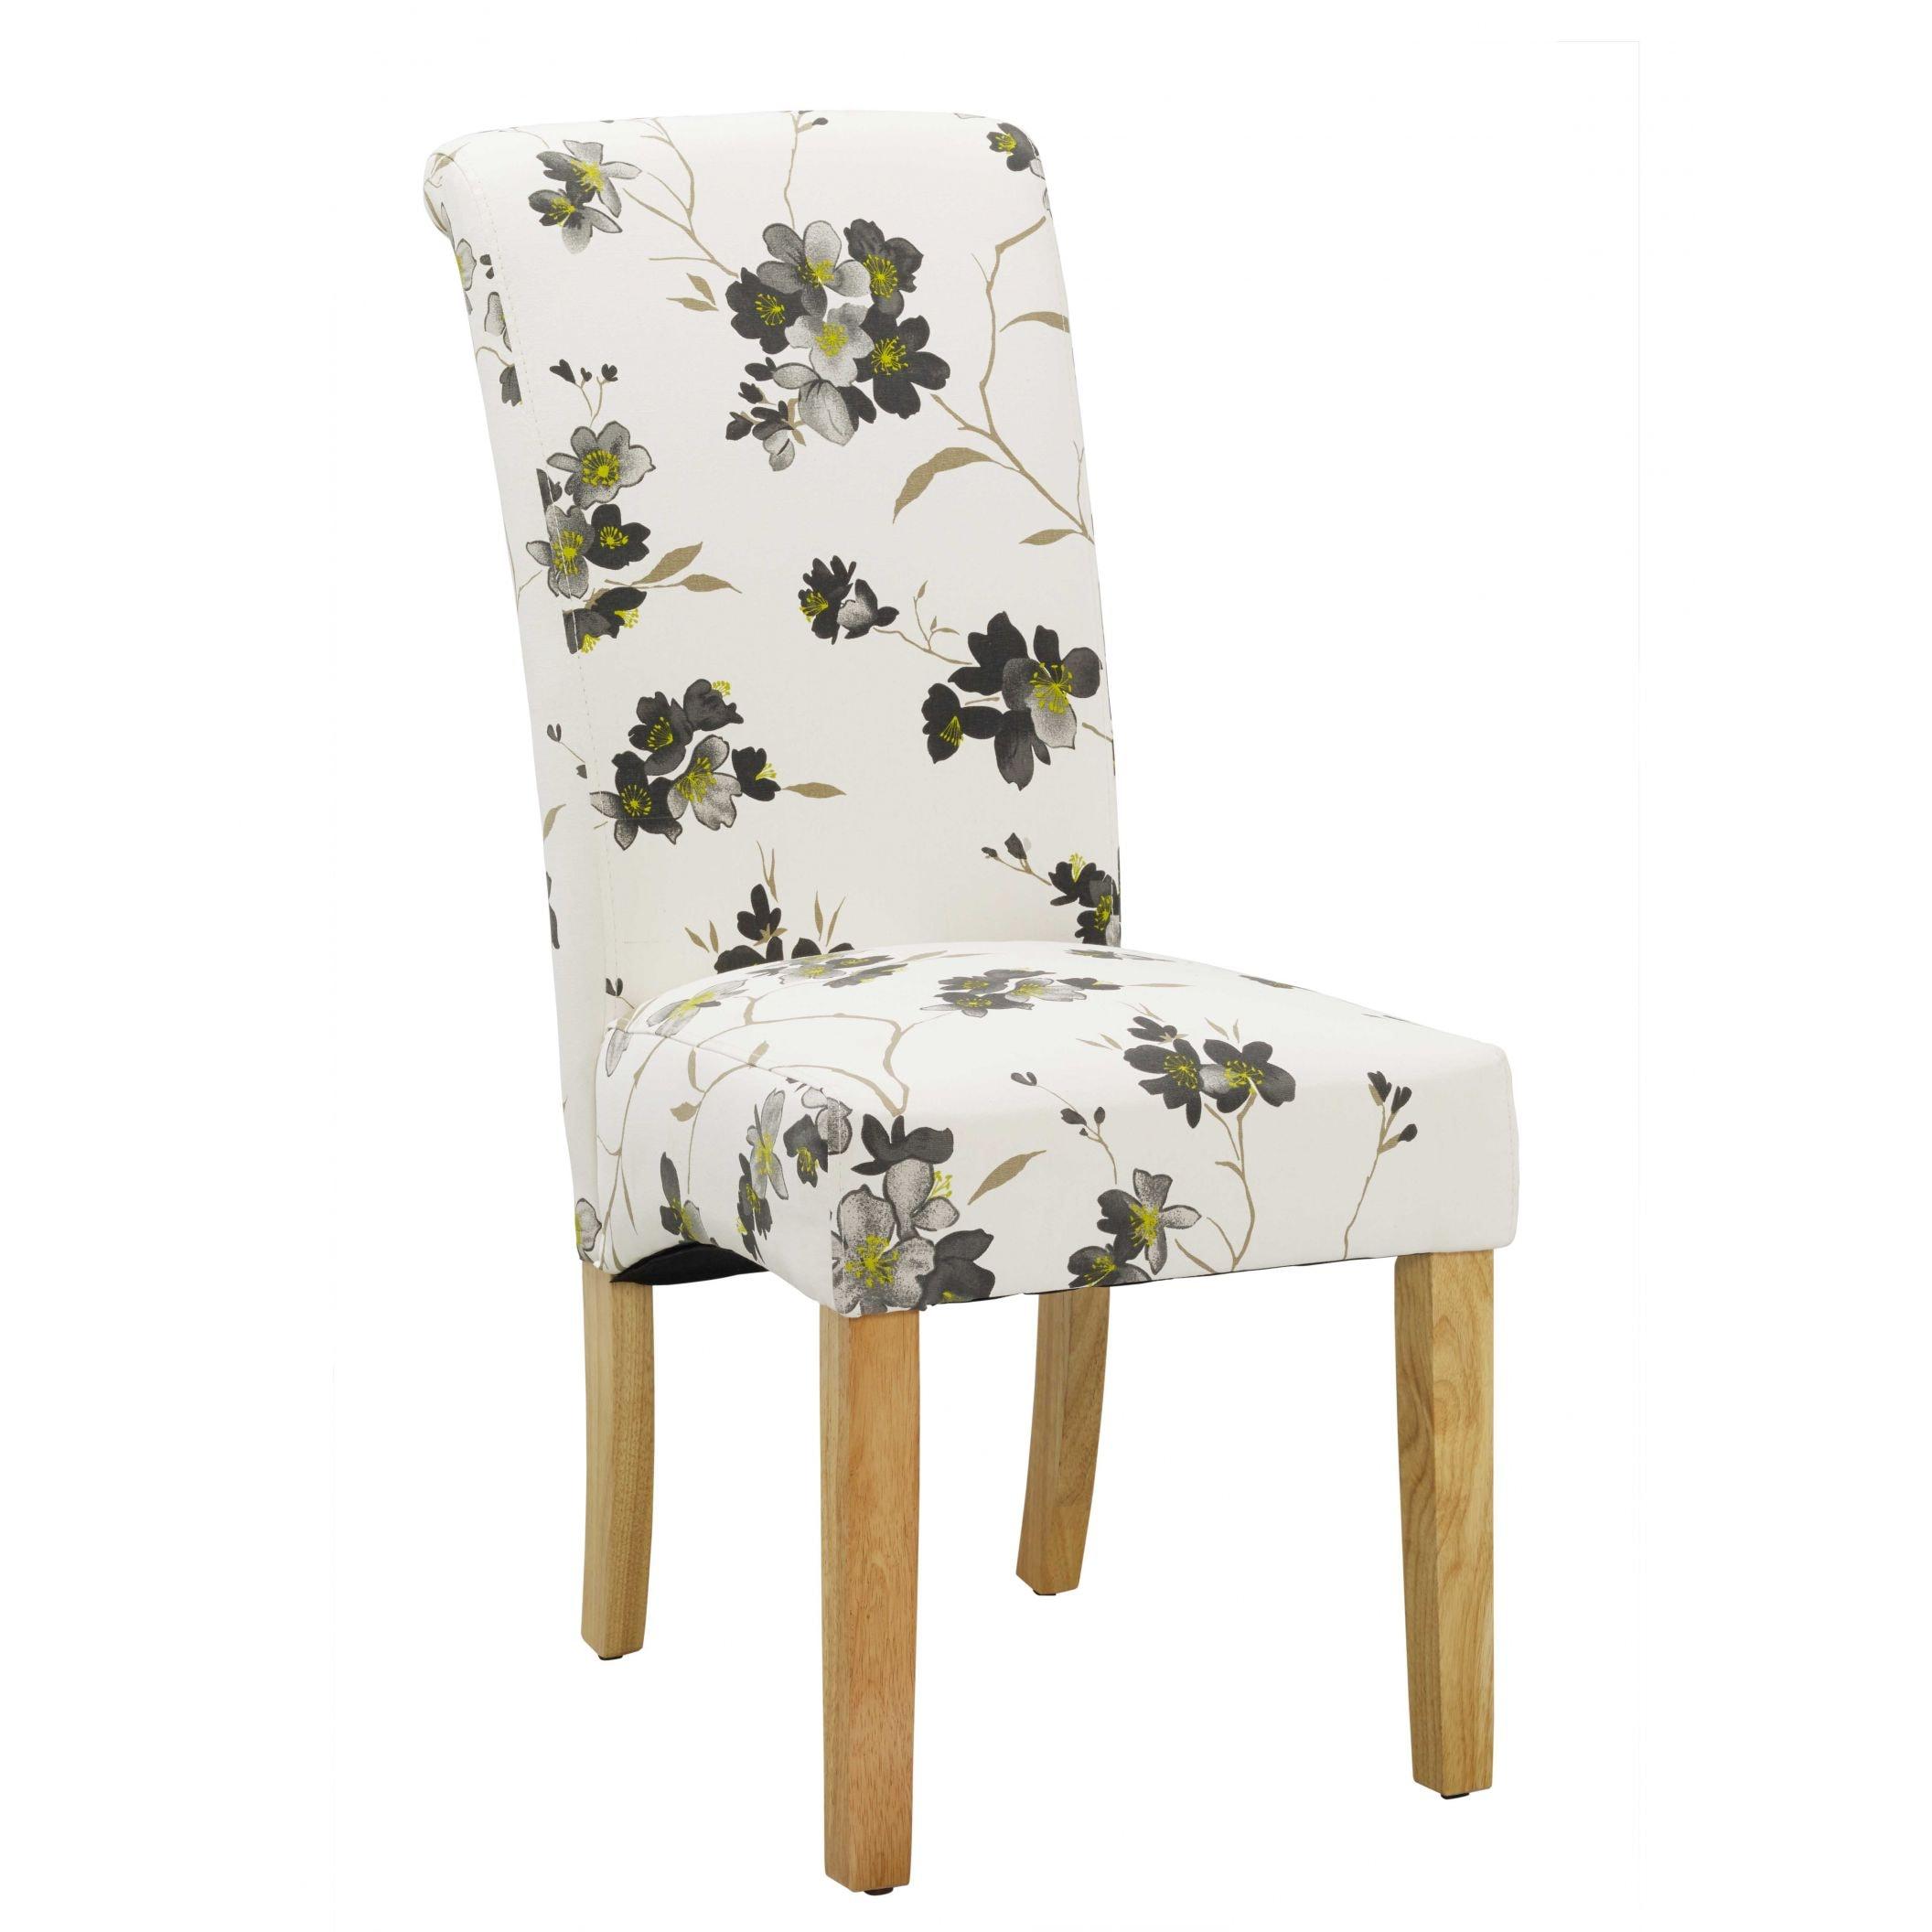 Freya Dining Chair (2 Chairs)